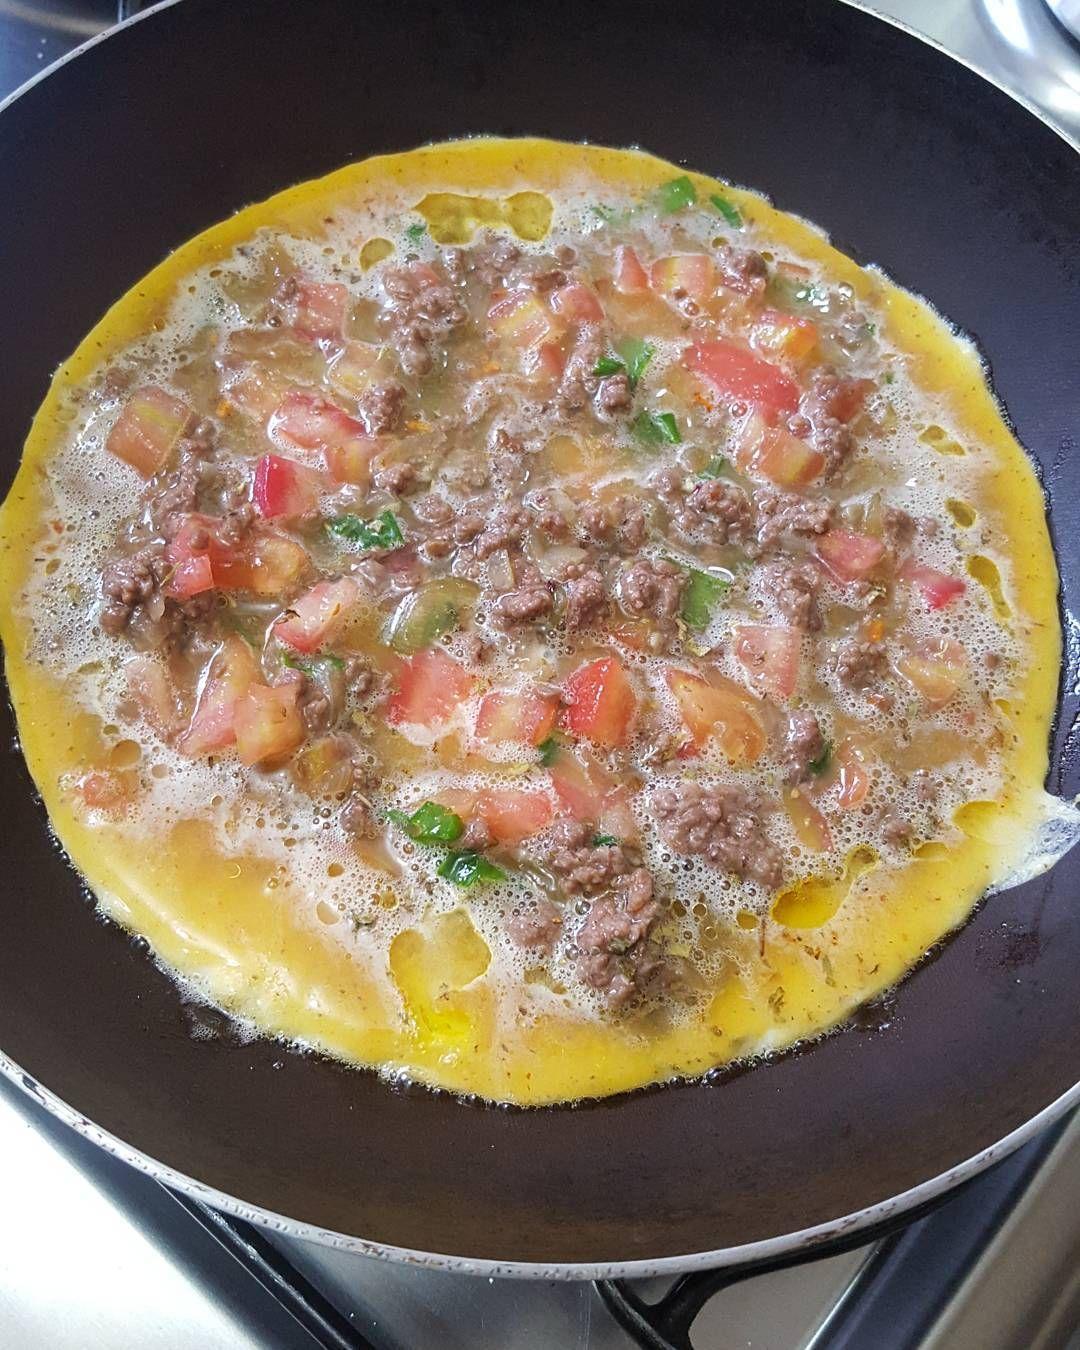 Omelete saindo pro almoço  #temquecaber #ovos #eggs #emagrecimentosaudável #emagrecer #comacomida #realfood #eatclean #eathealthy #emagrecendo #jujunacozinha #lowcarb #lchf #paleofood #paleo #paleodiet #dietasemsofrer #dieta #diet #foconadieta by temquecaber